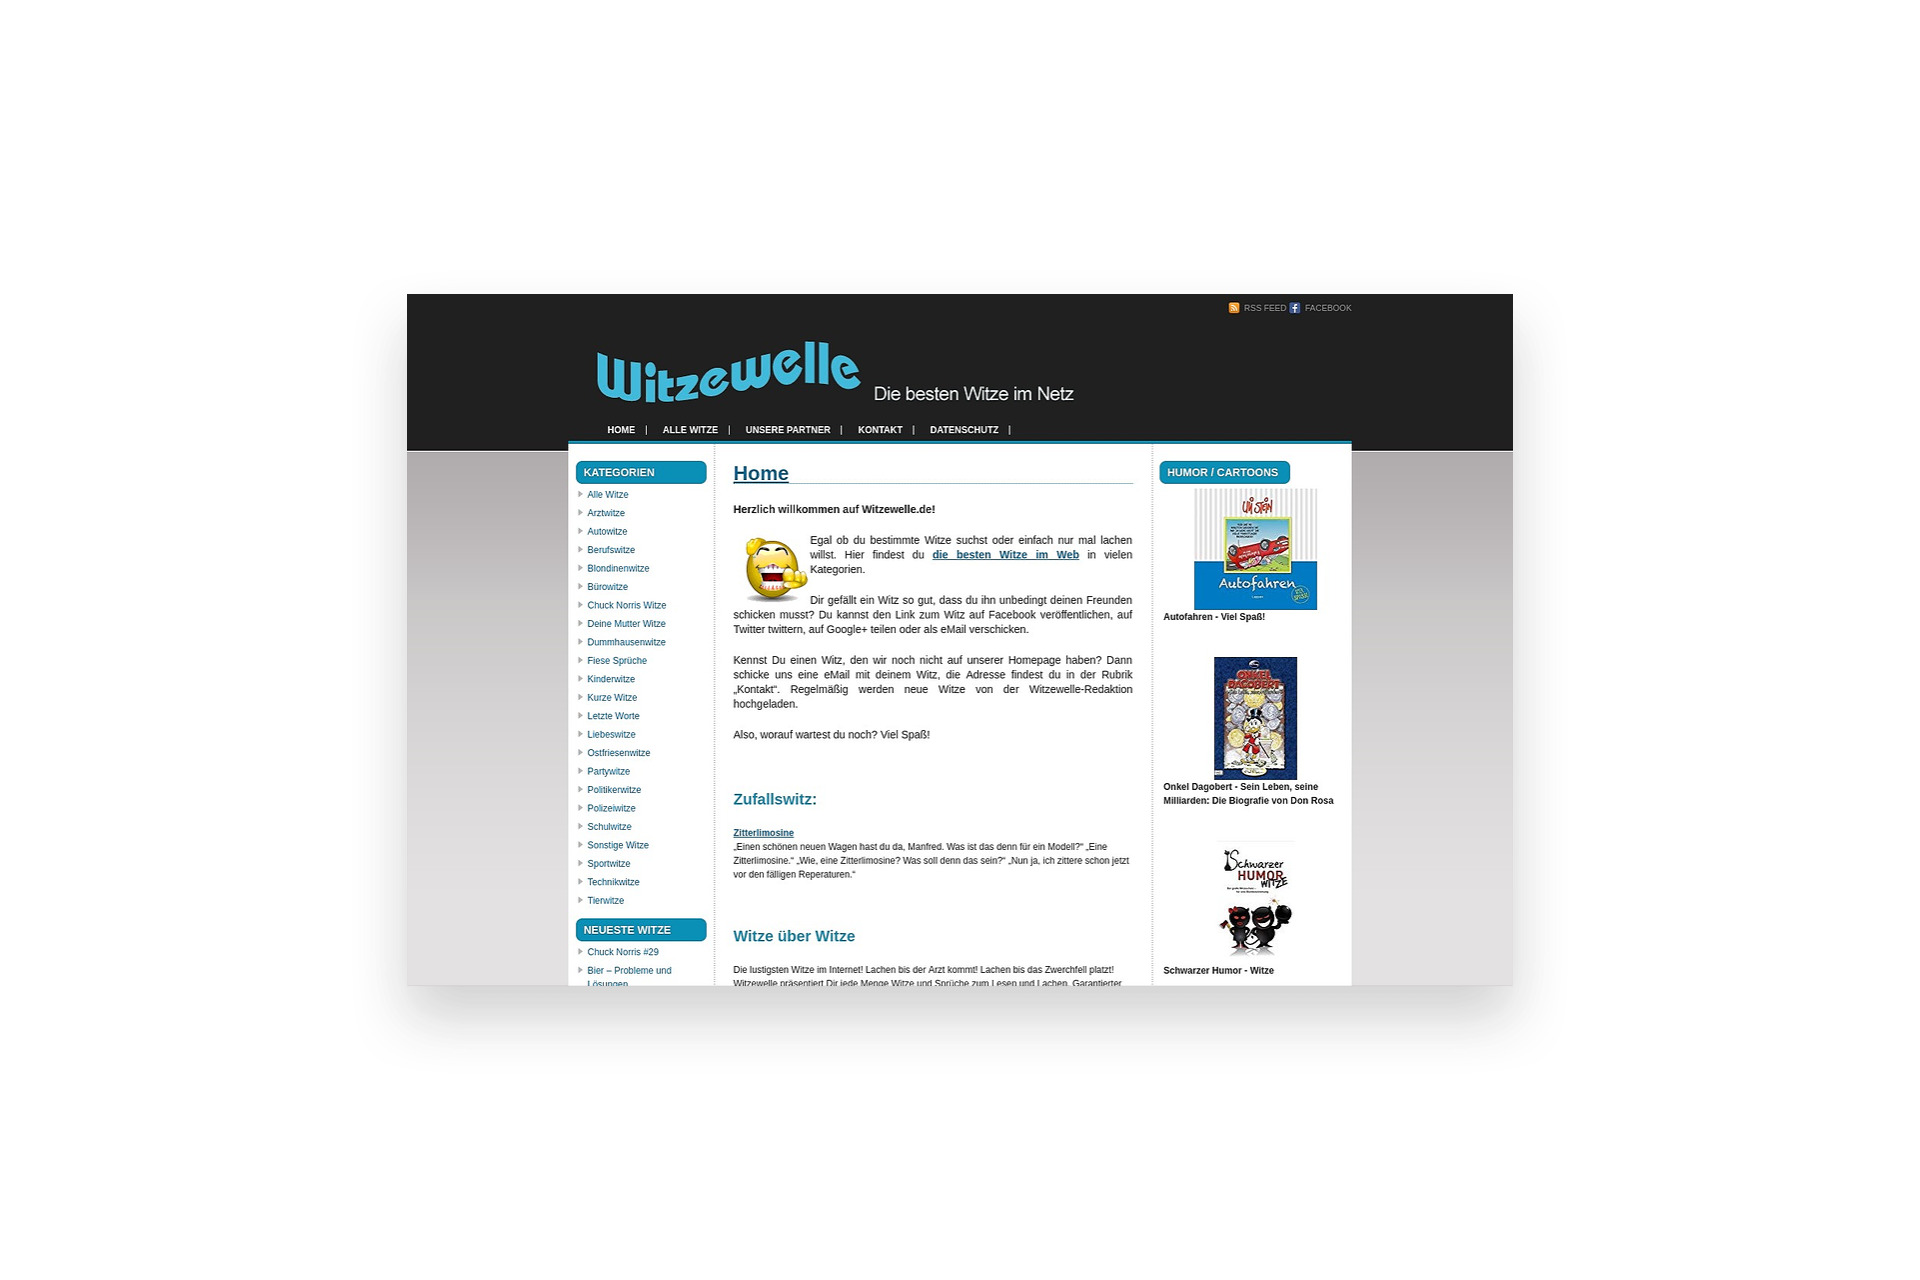 Onlineportal Witze Rietschdesign Webdesign In Hof Oberfranken